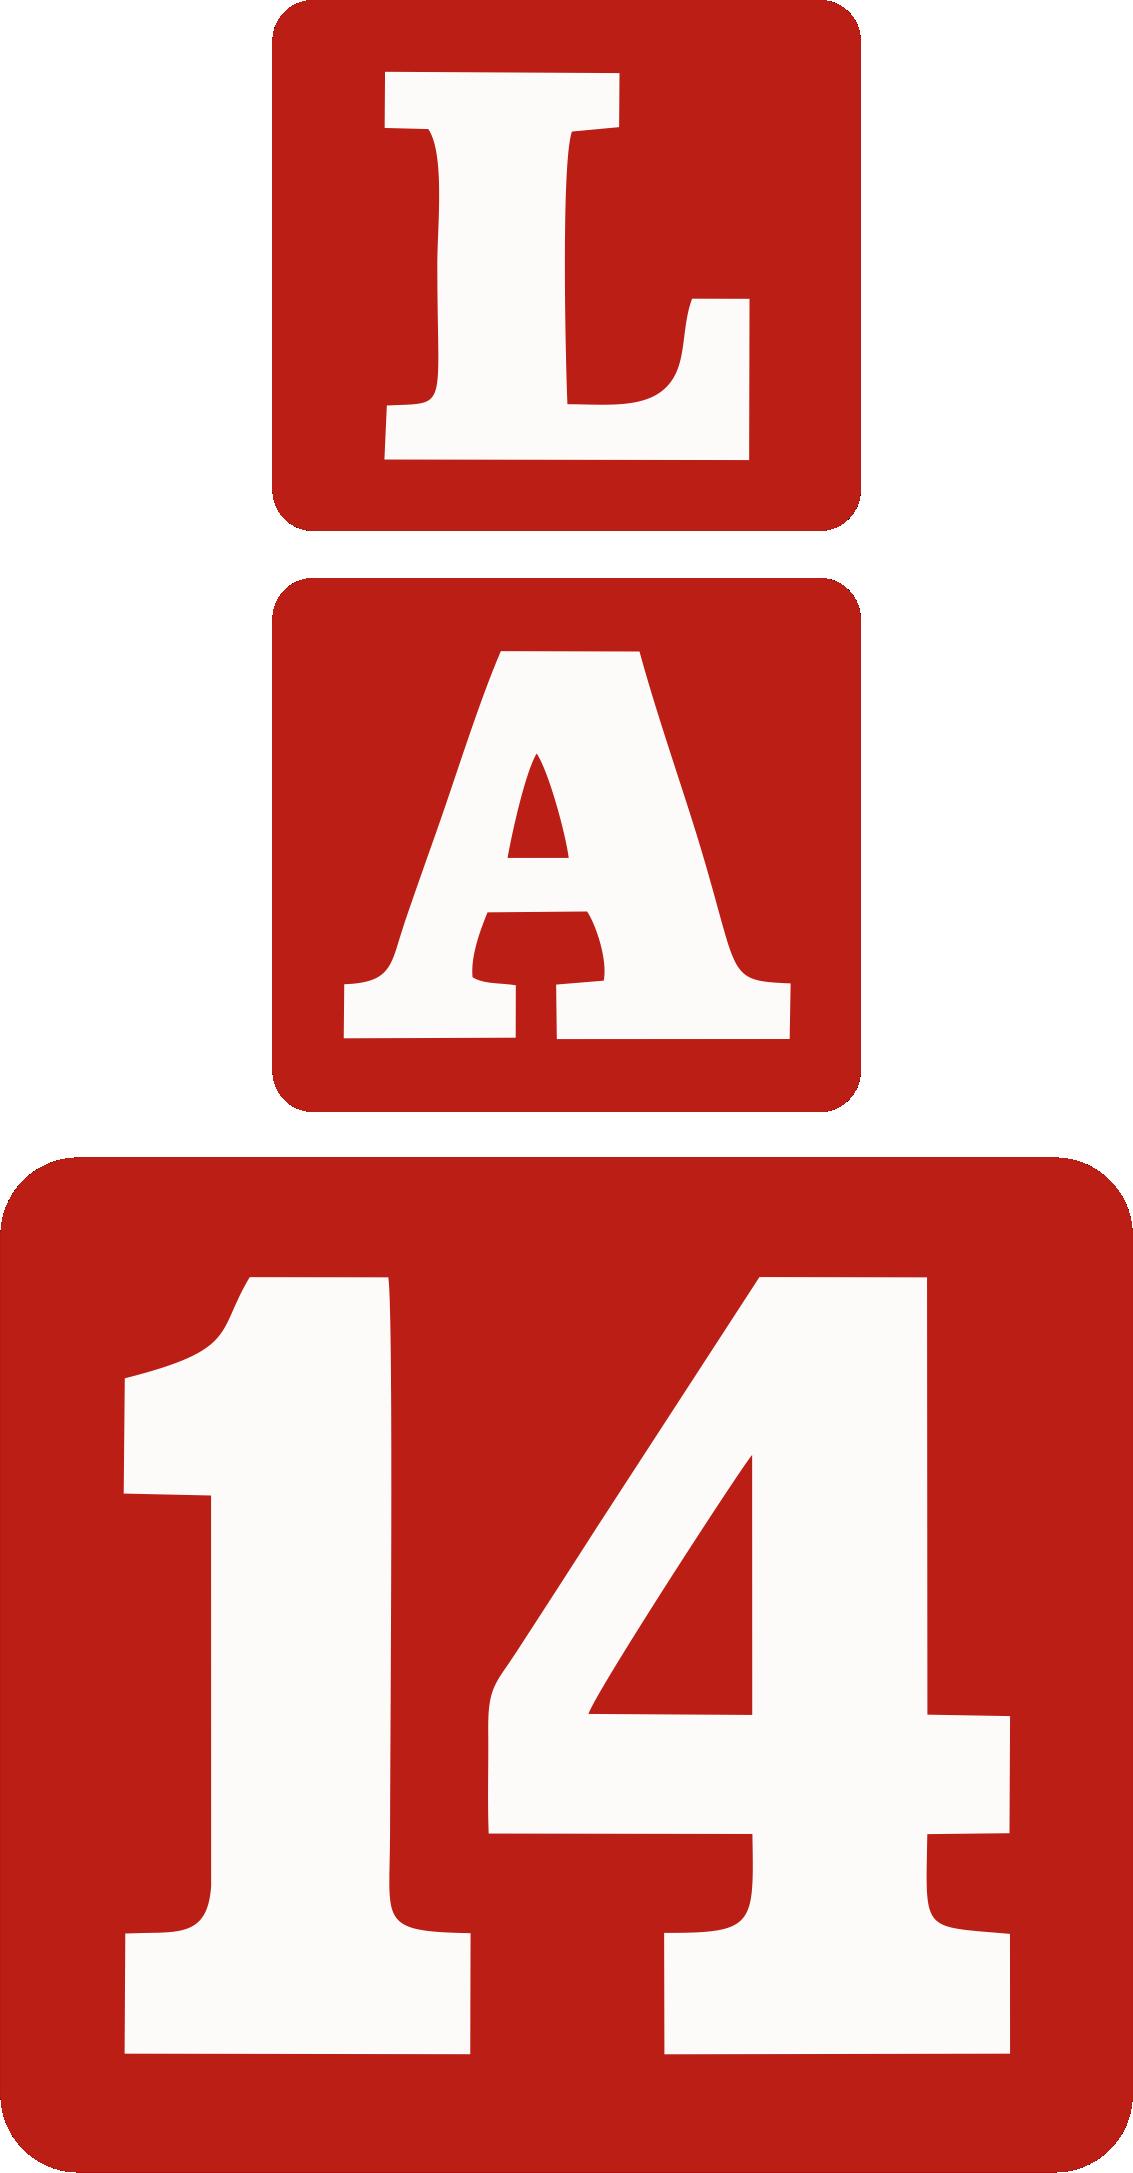 Almacenes La 14